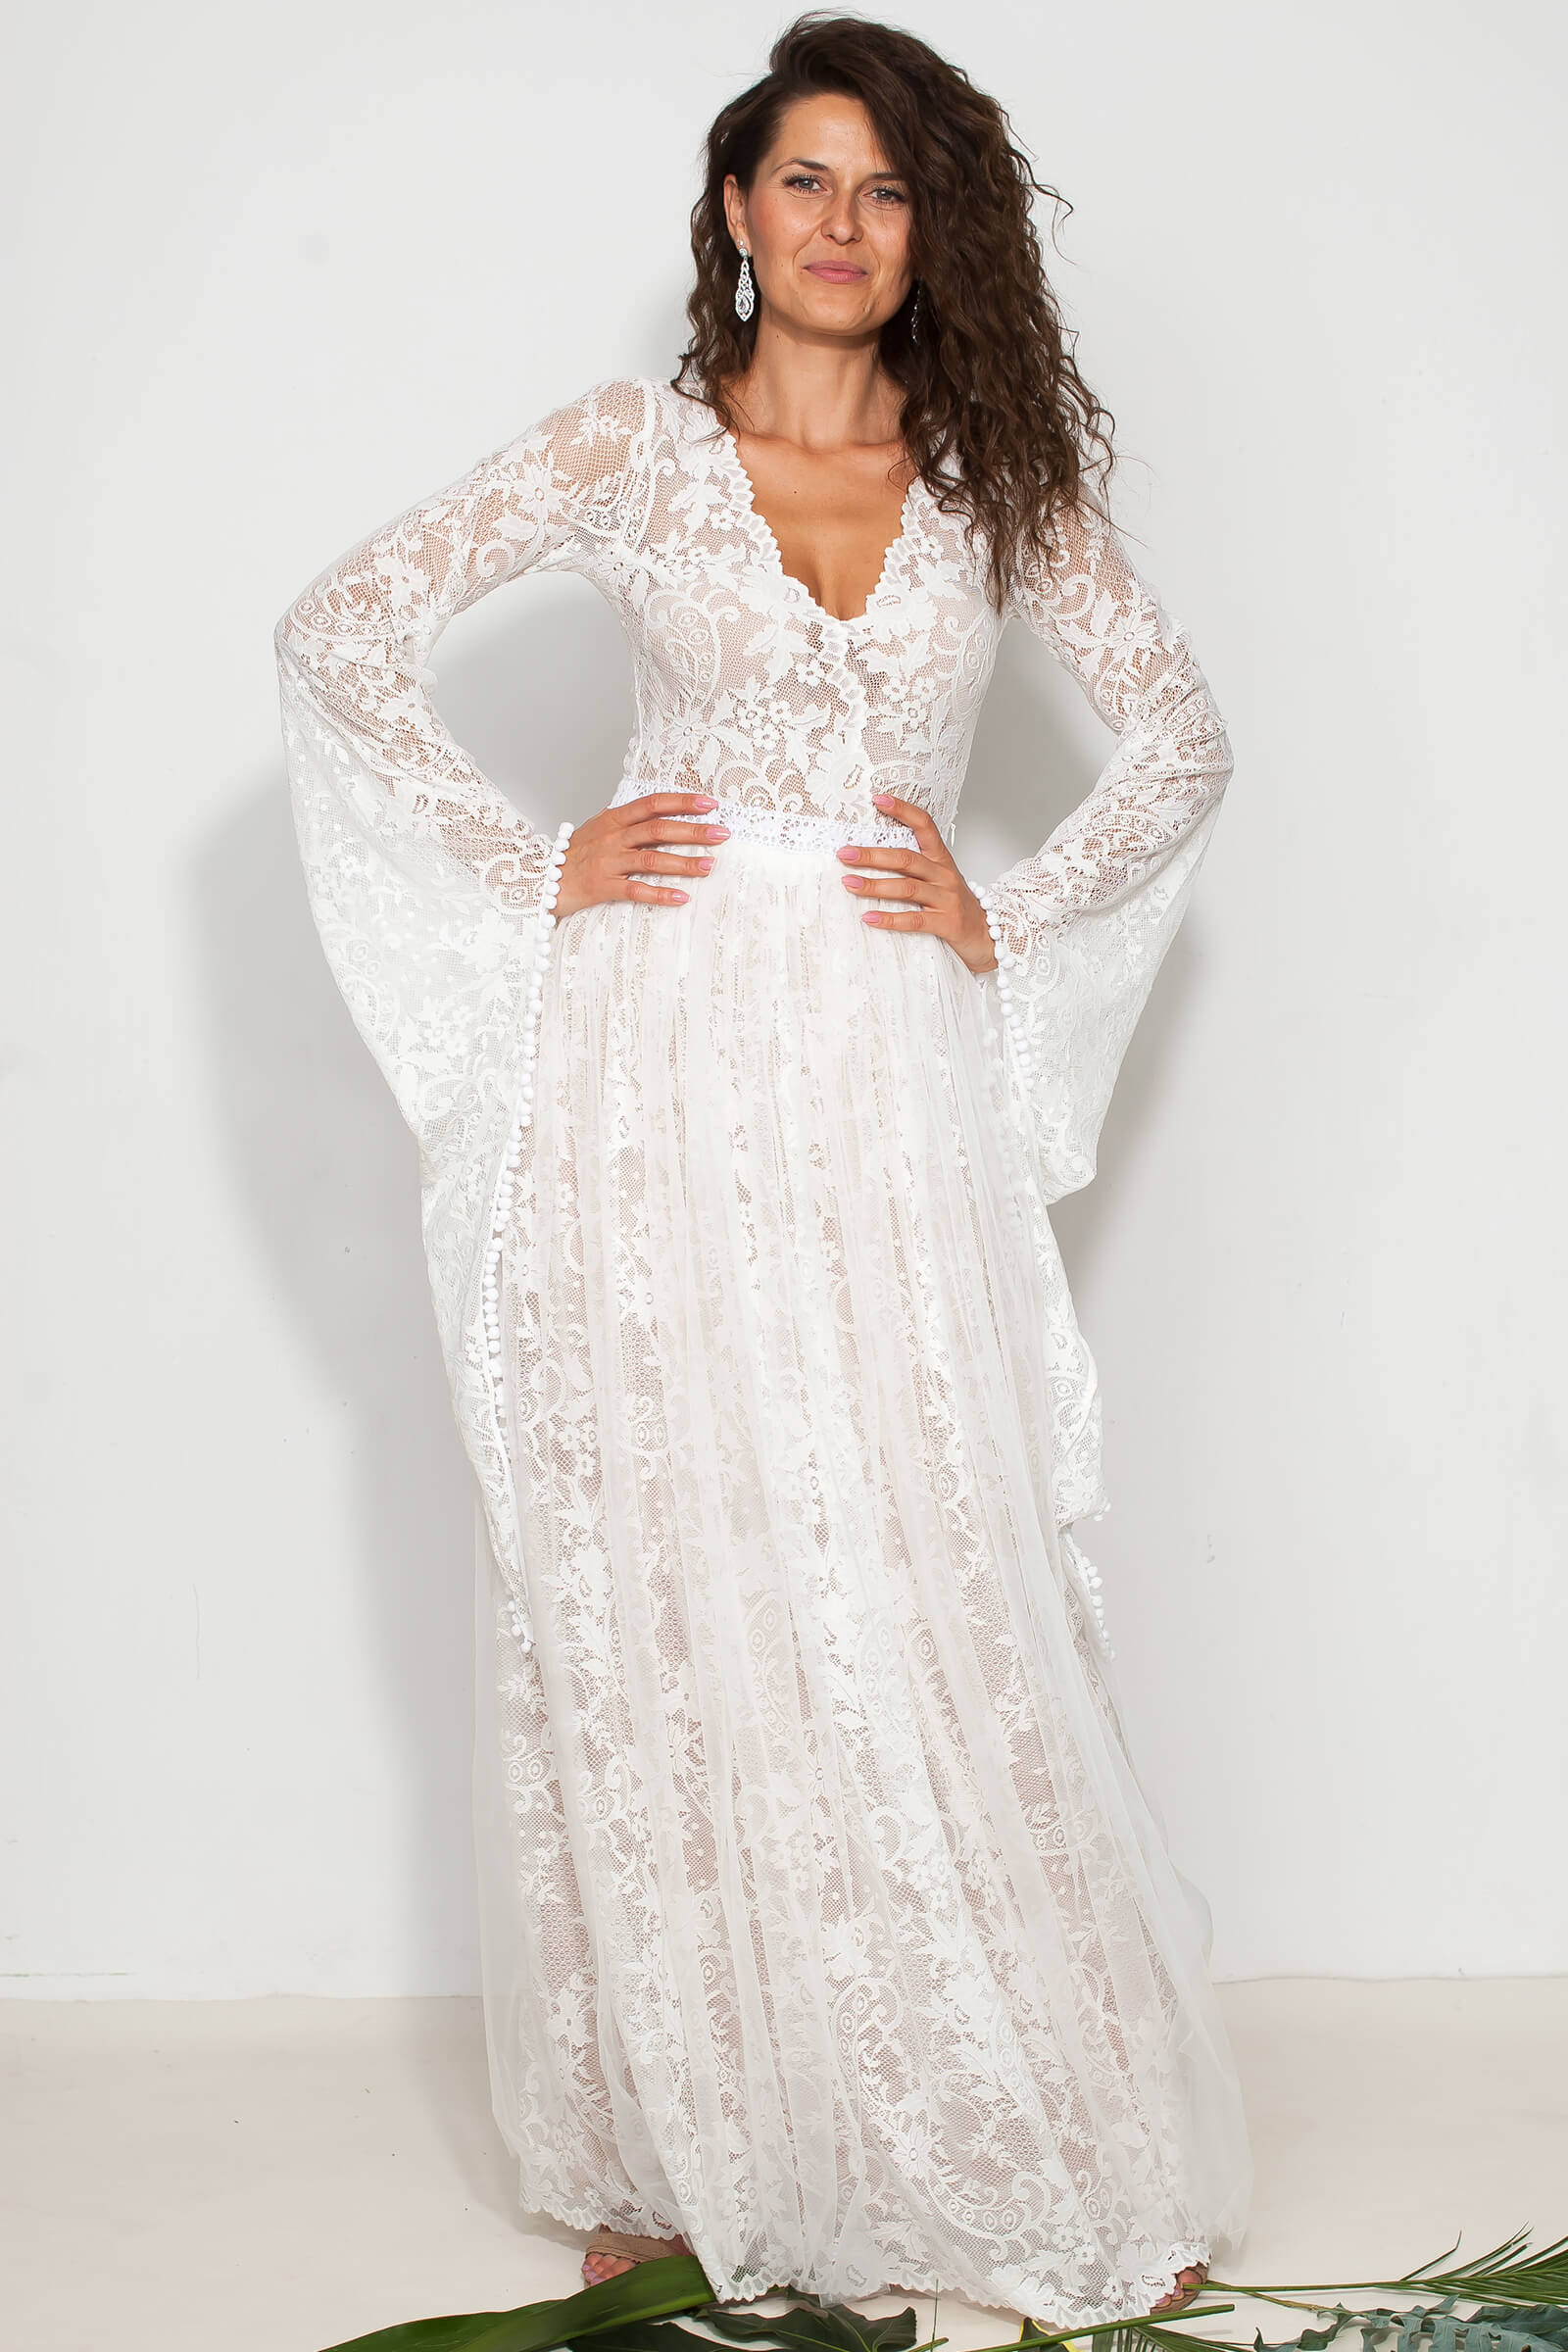 Suknia ślubna boho - koronkowa z rękawami jak wróżka